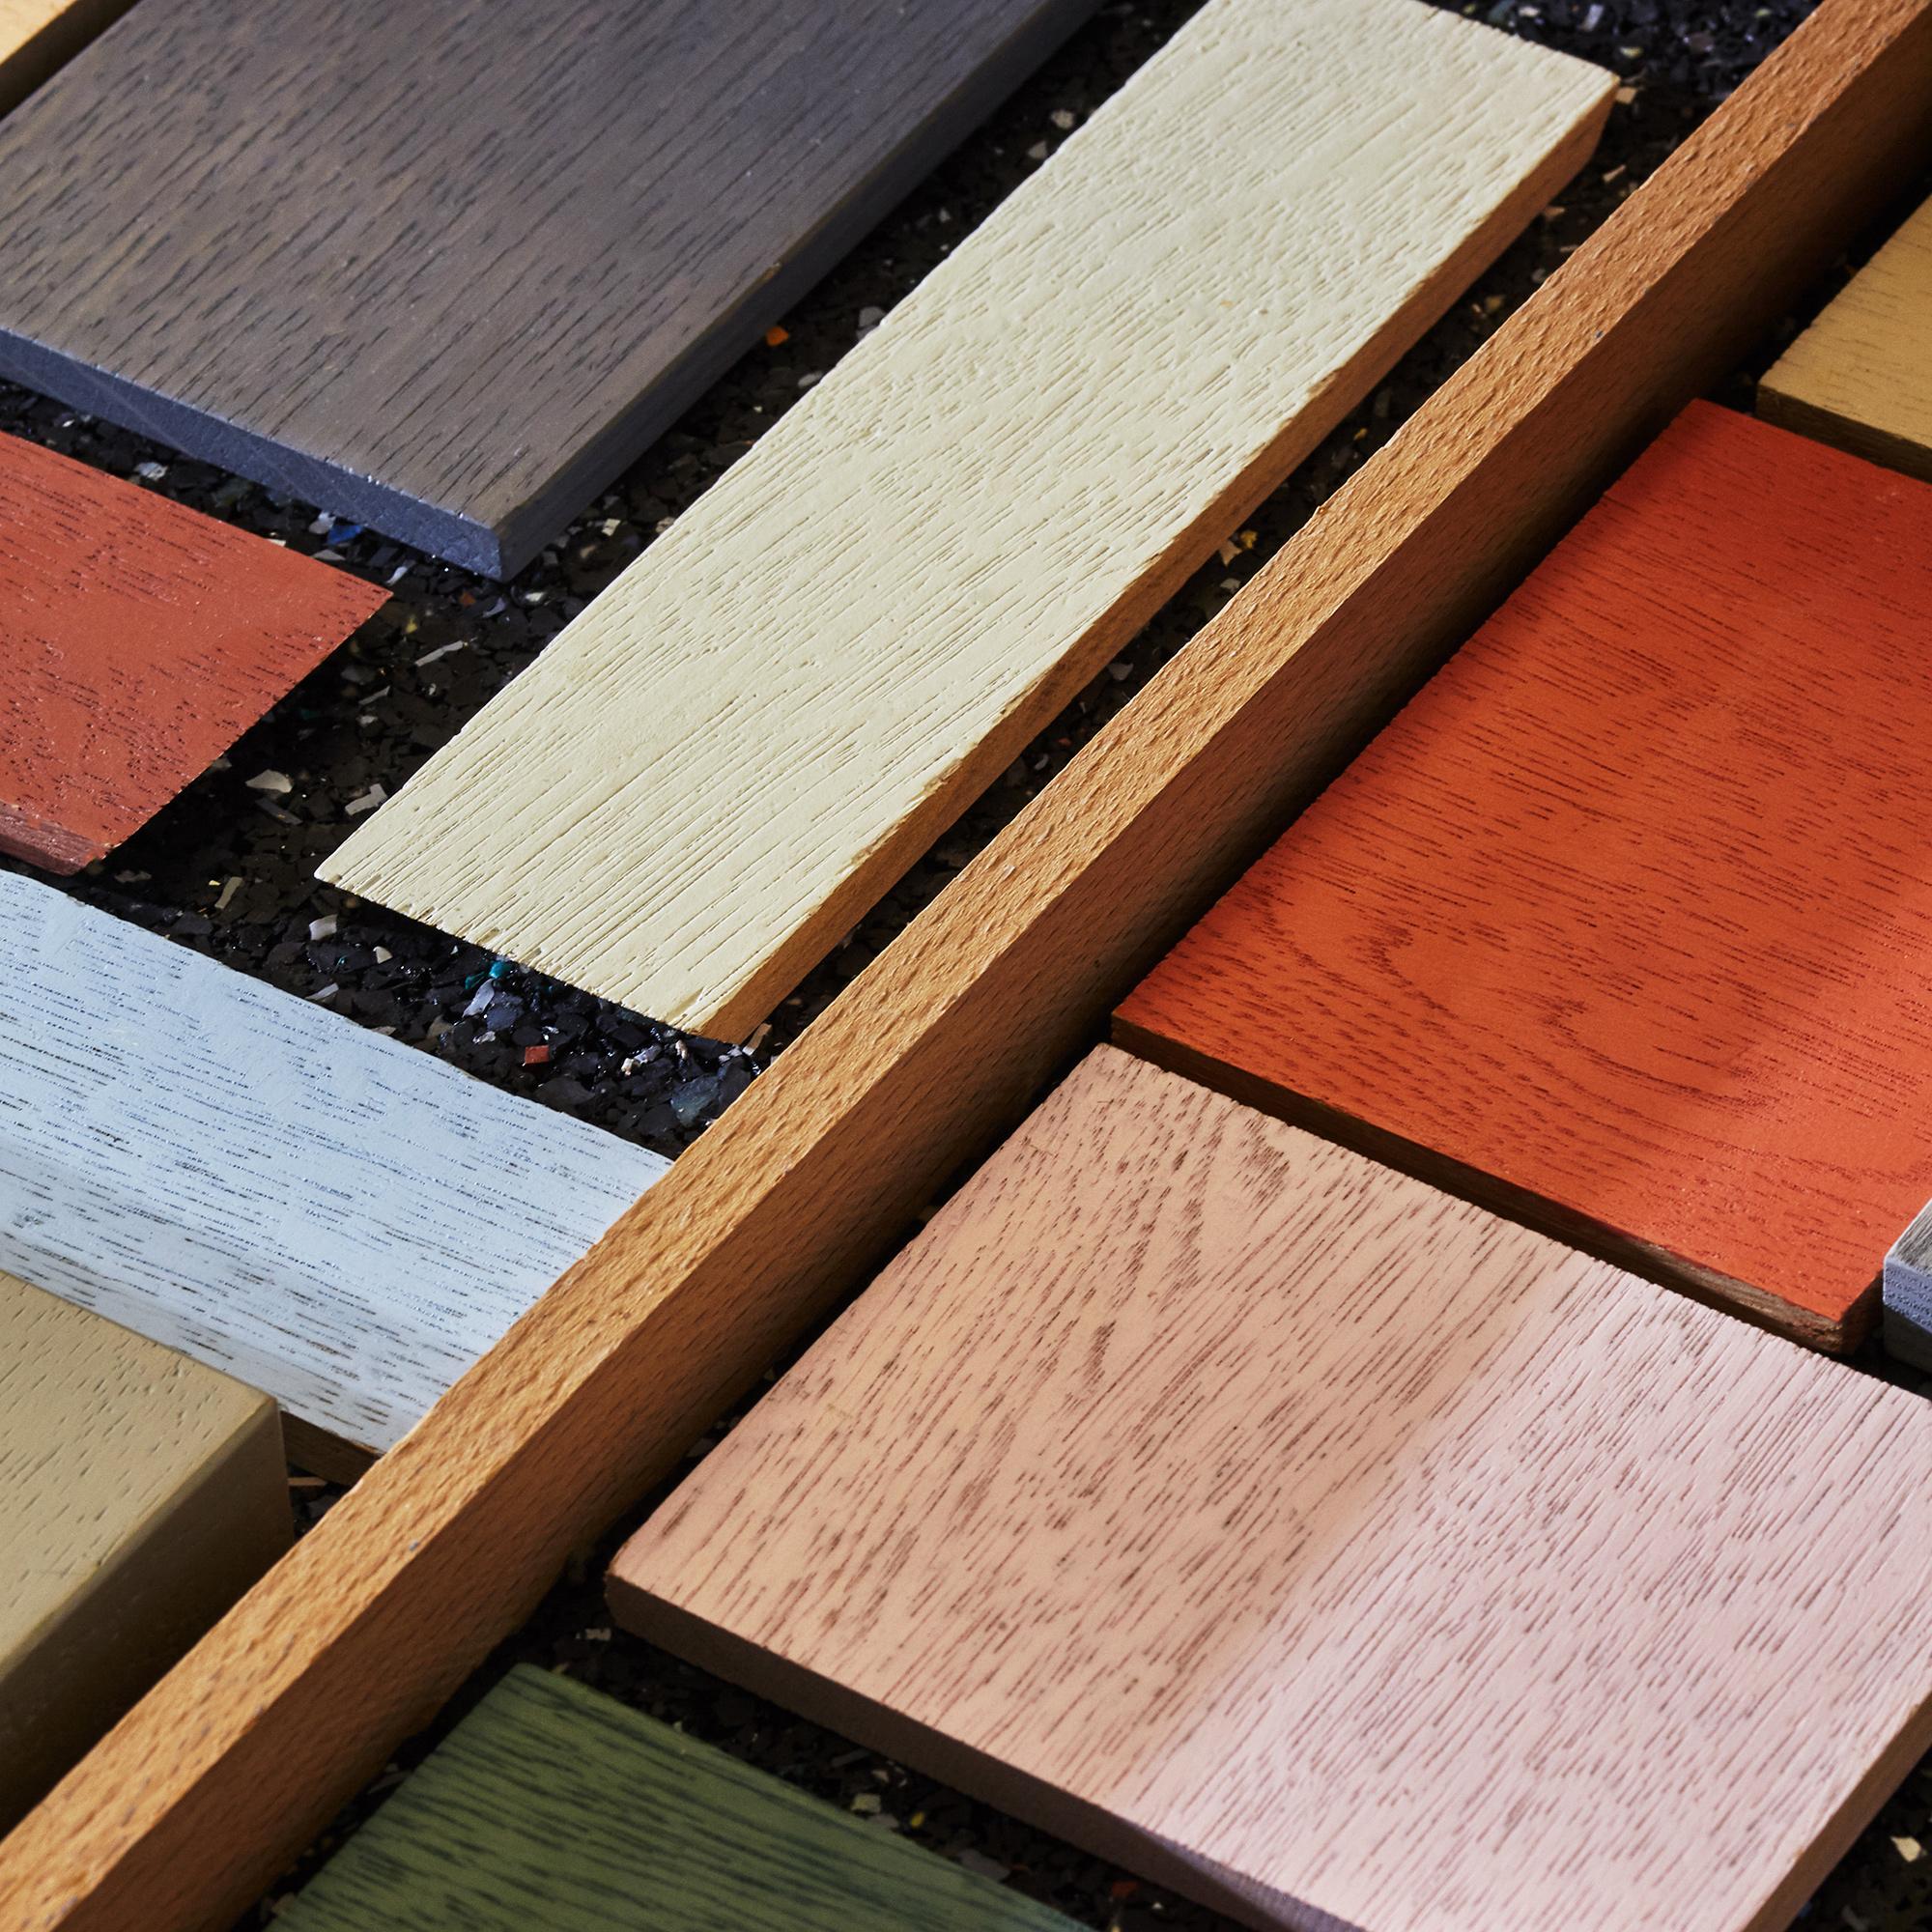 Materialmuster von lackiertem Holz